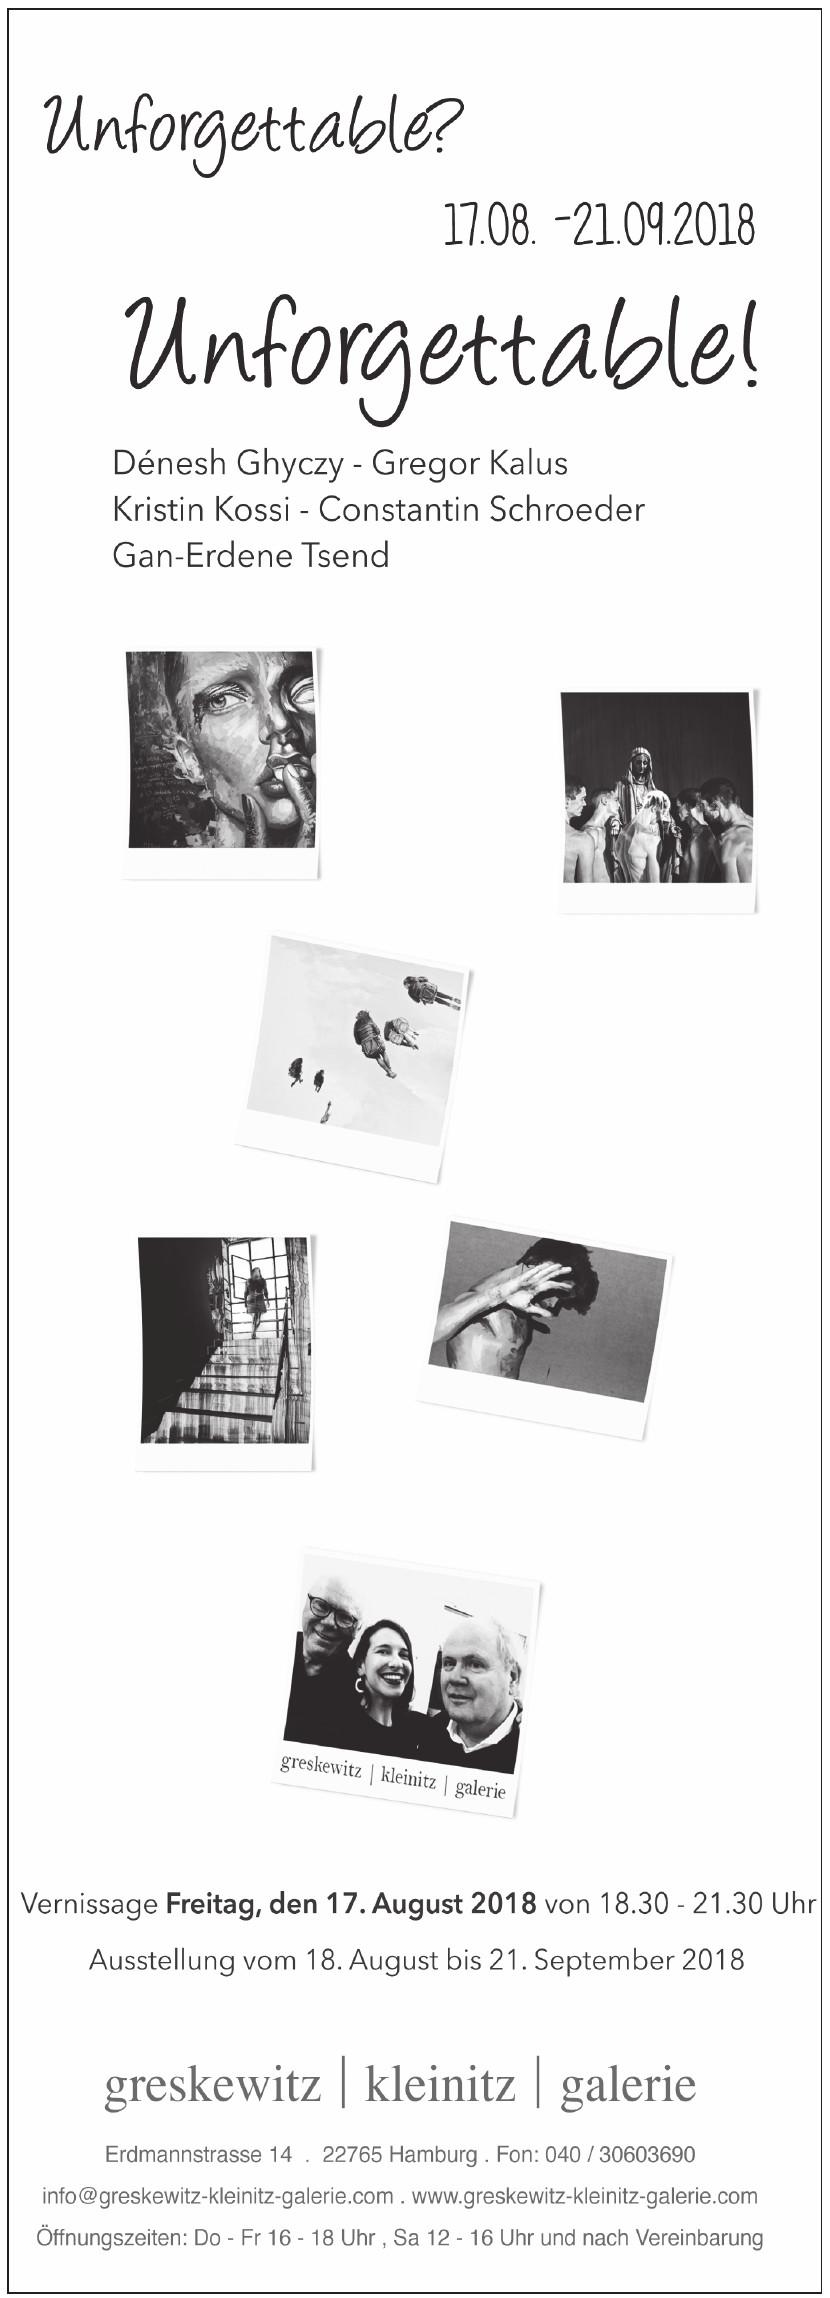 greskewitz | kleinitz | galerie